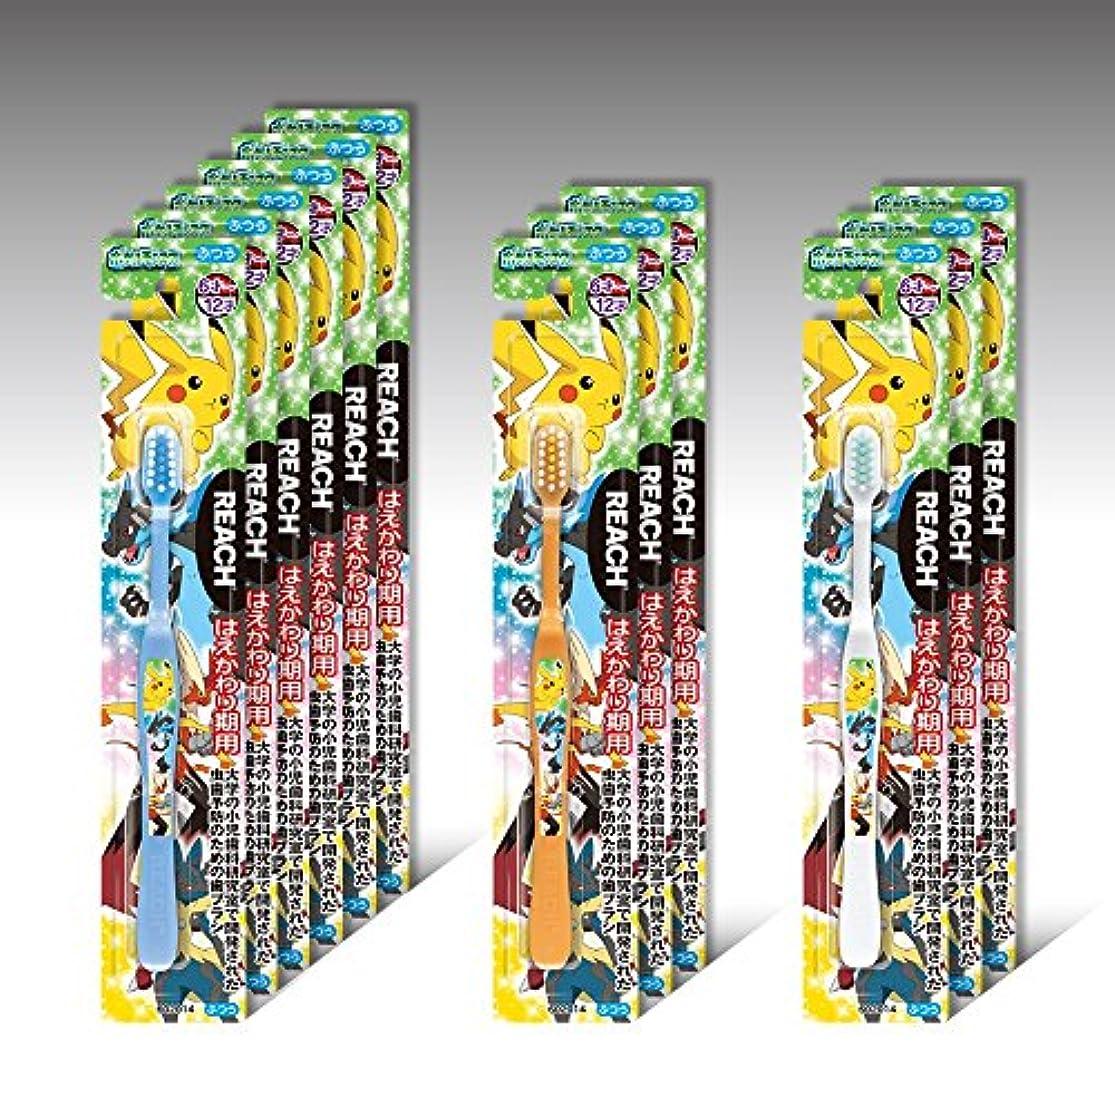 トロリー協力残酷リーチキッズ ポケットモンスター はえかわり期用(6~12才) 12本セット